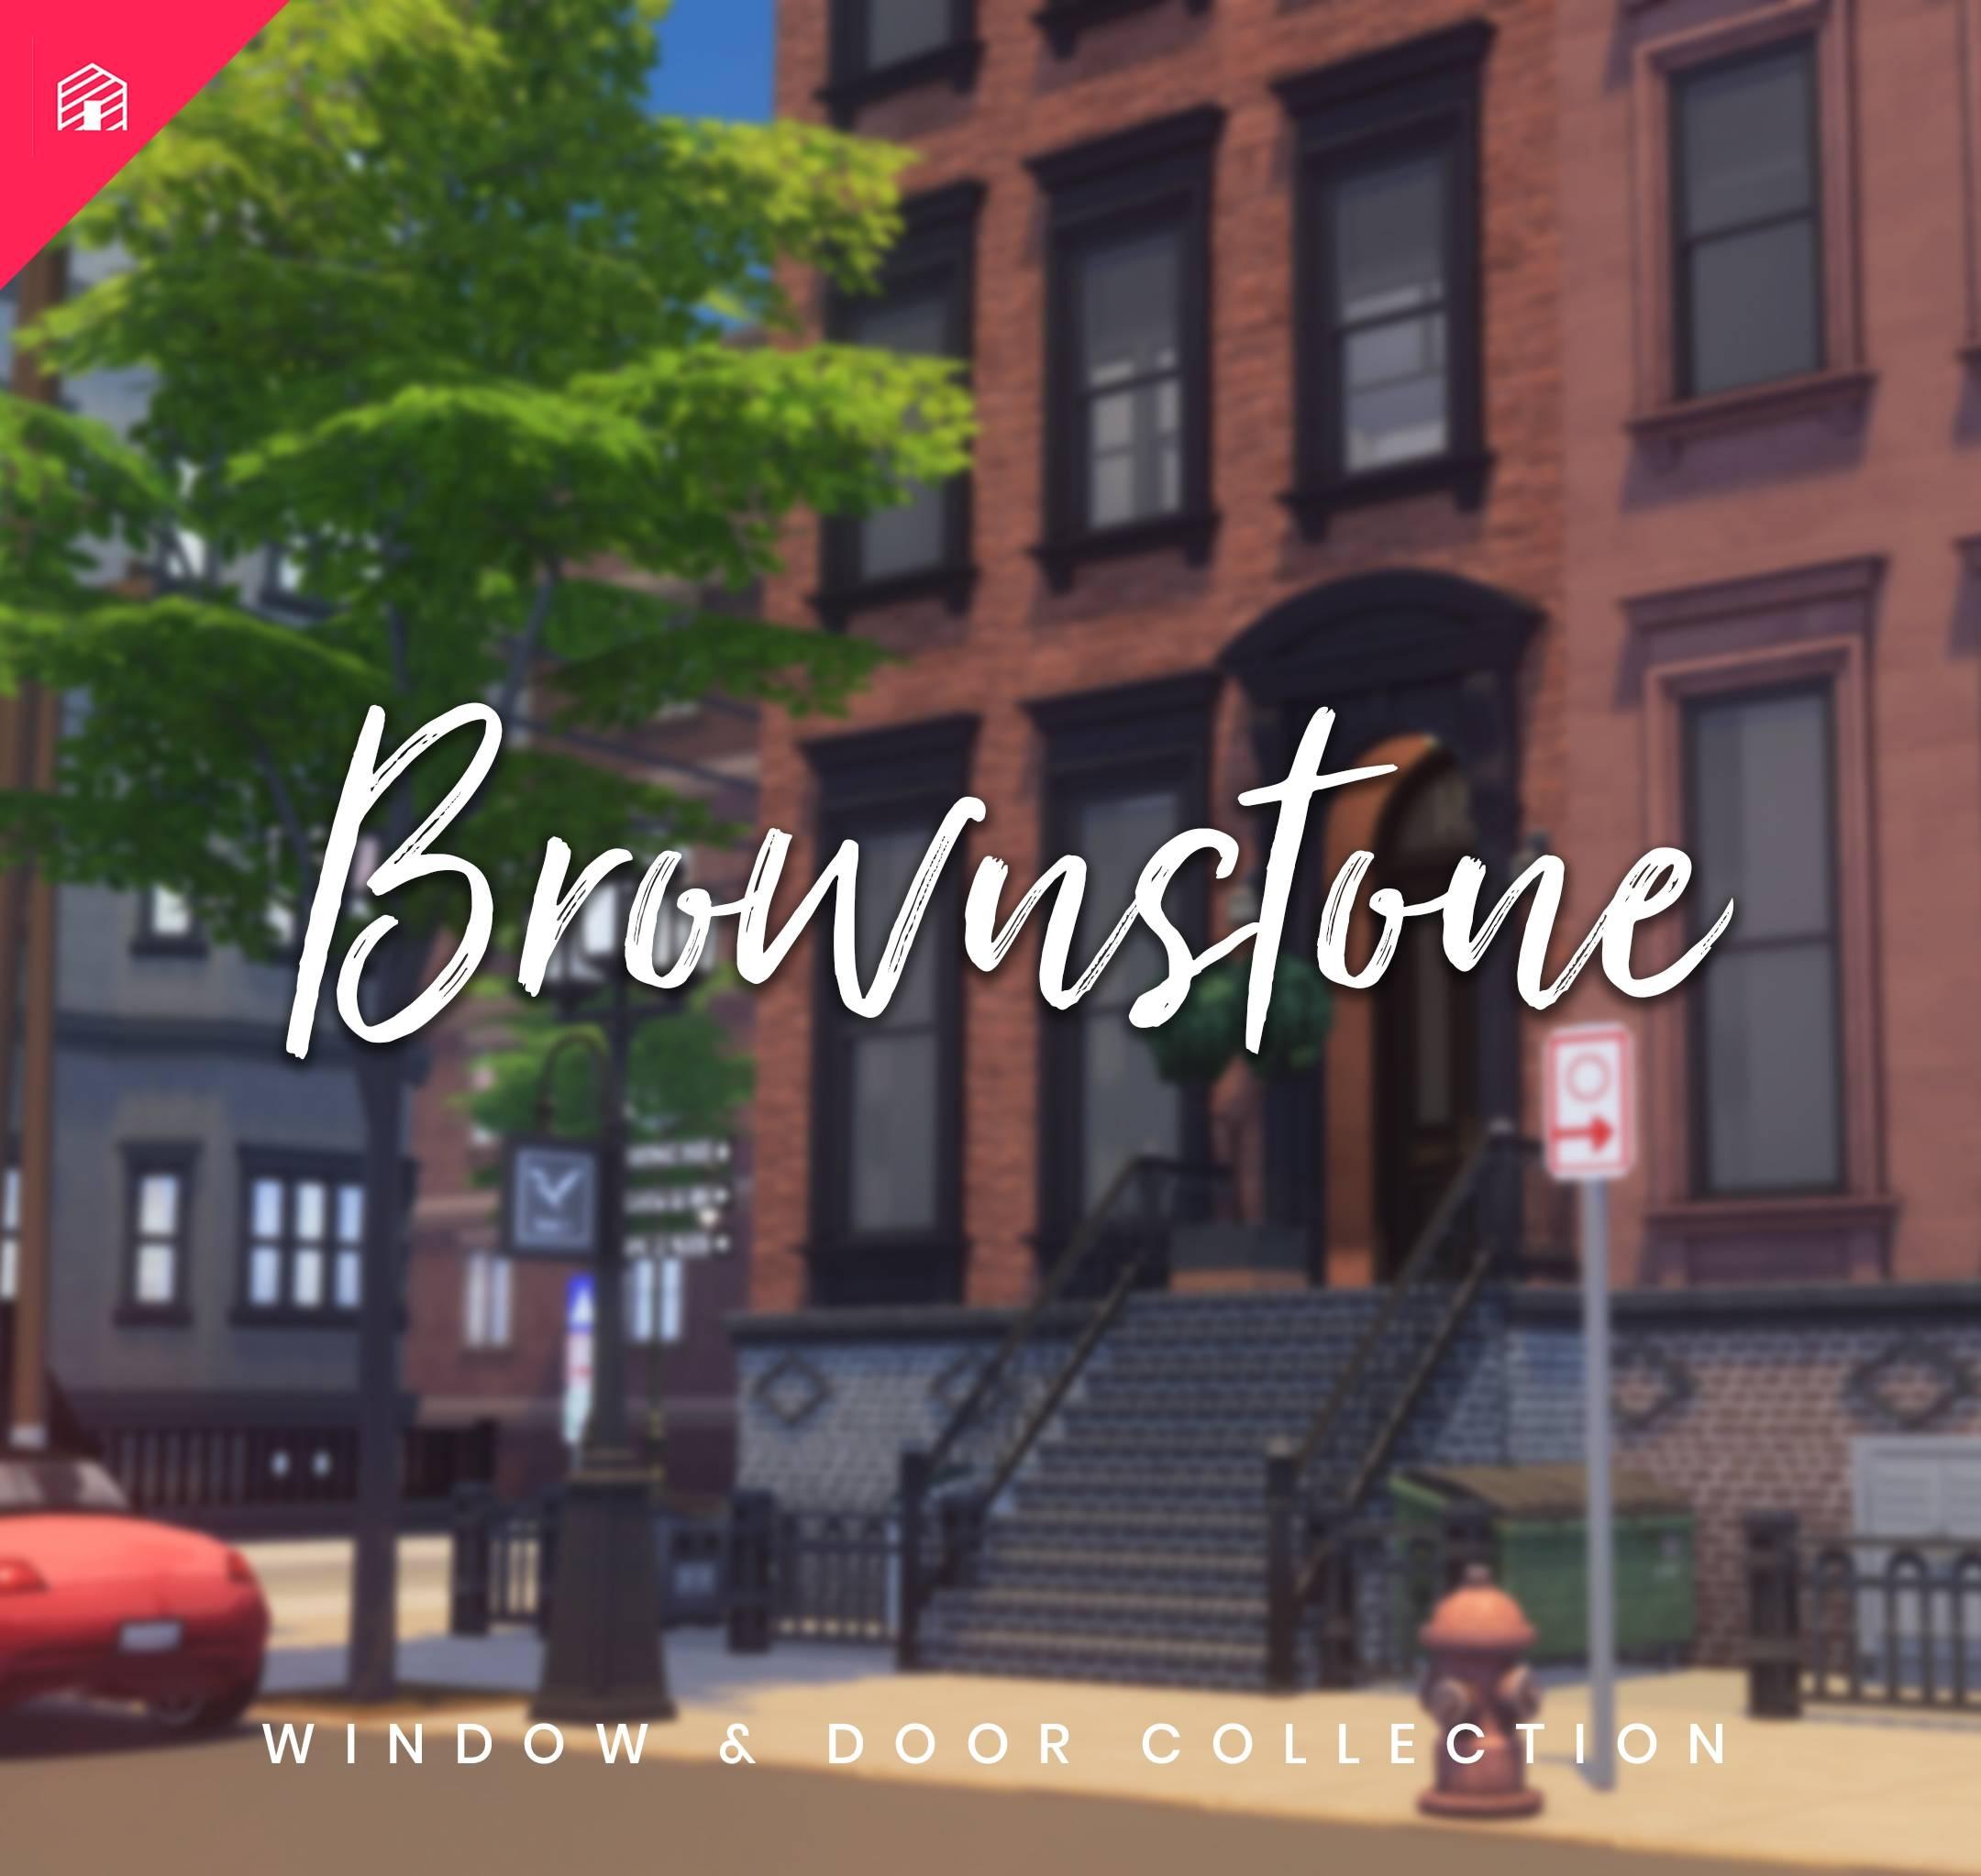 Строительный набор - Brownstone Collection - Part Two